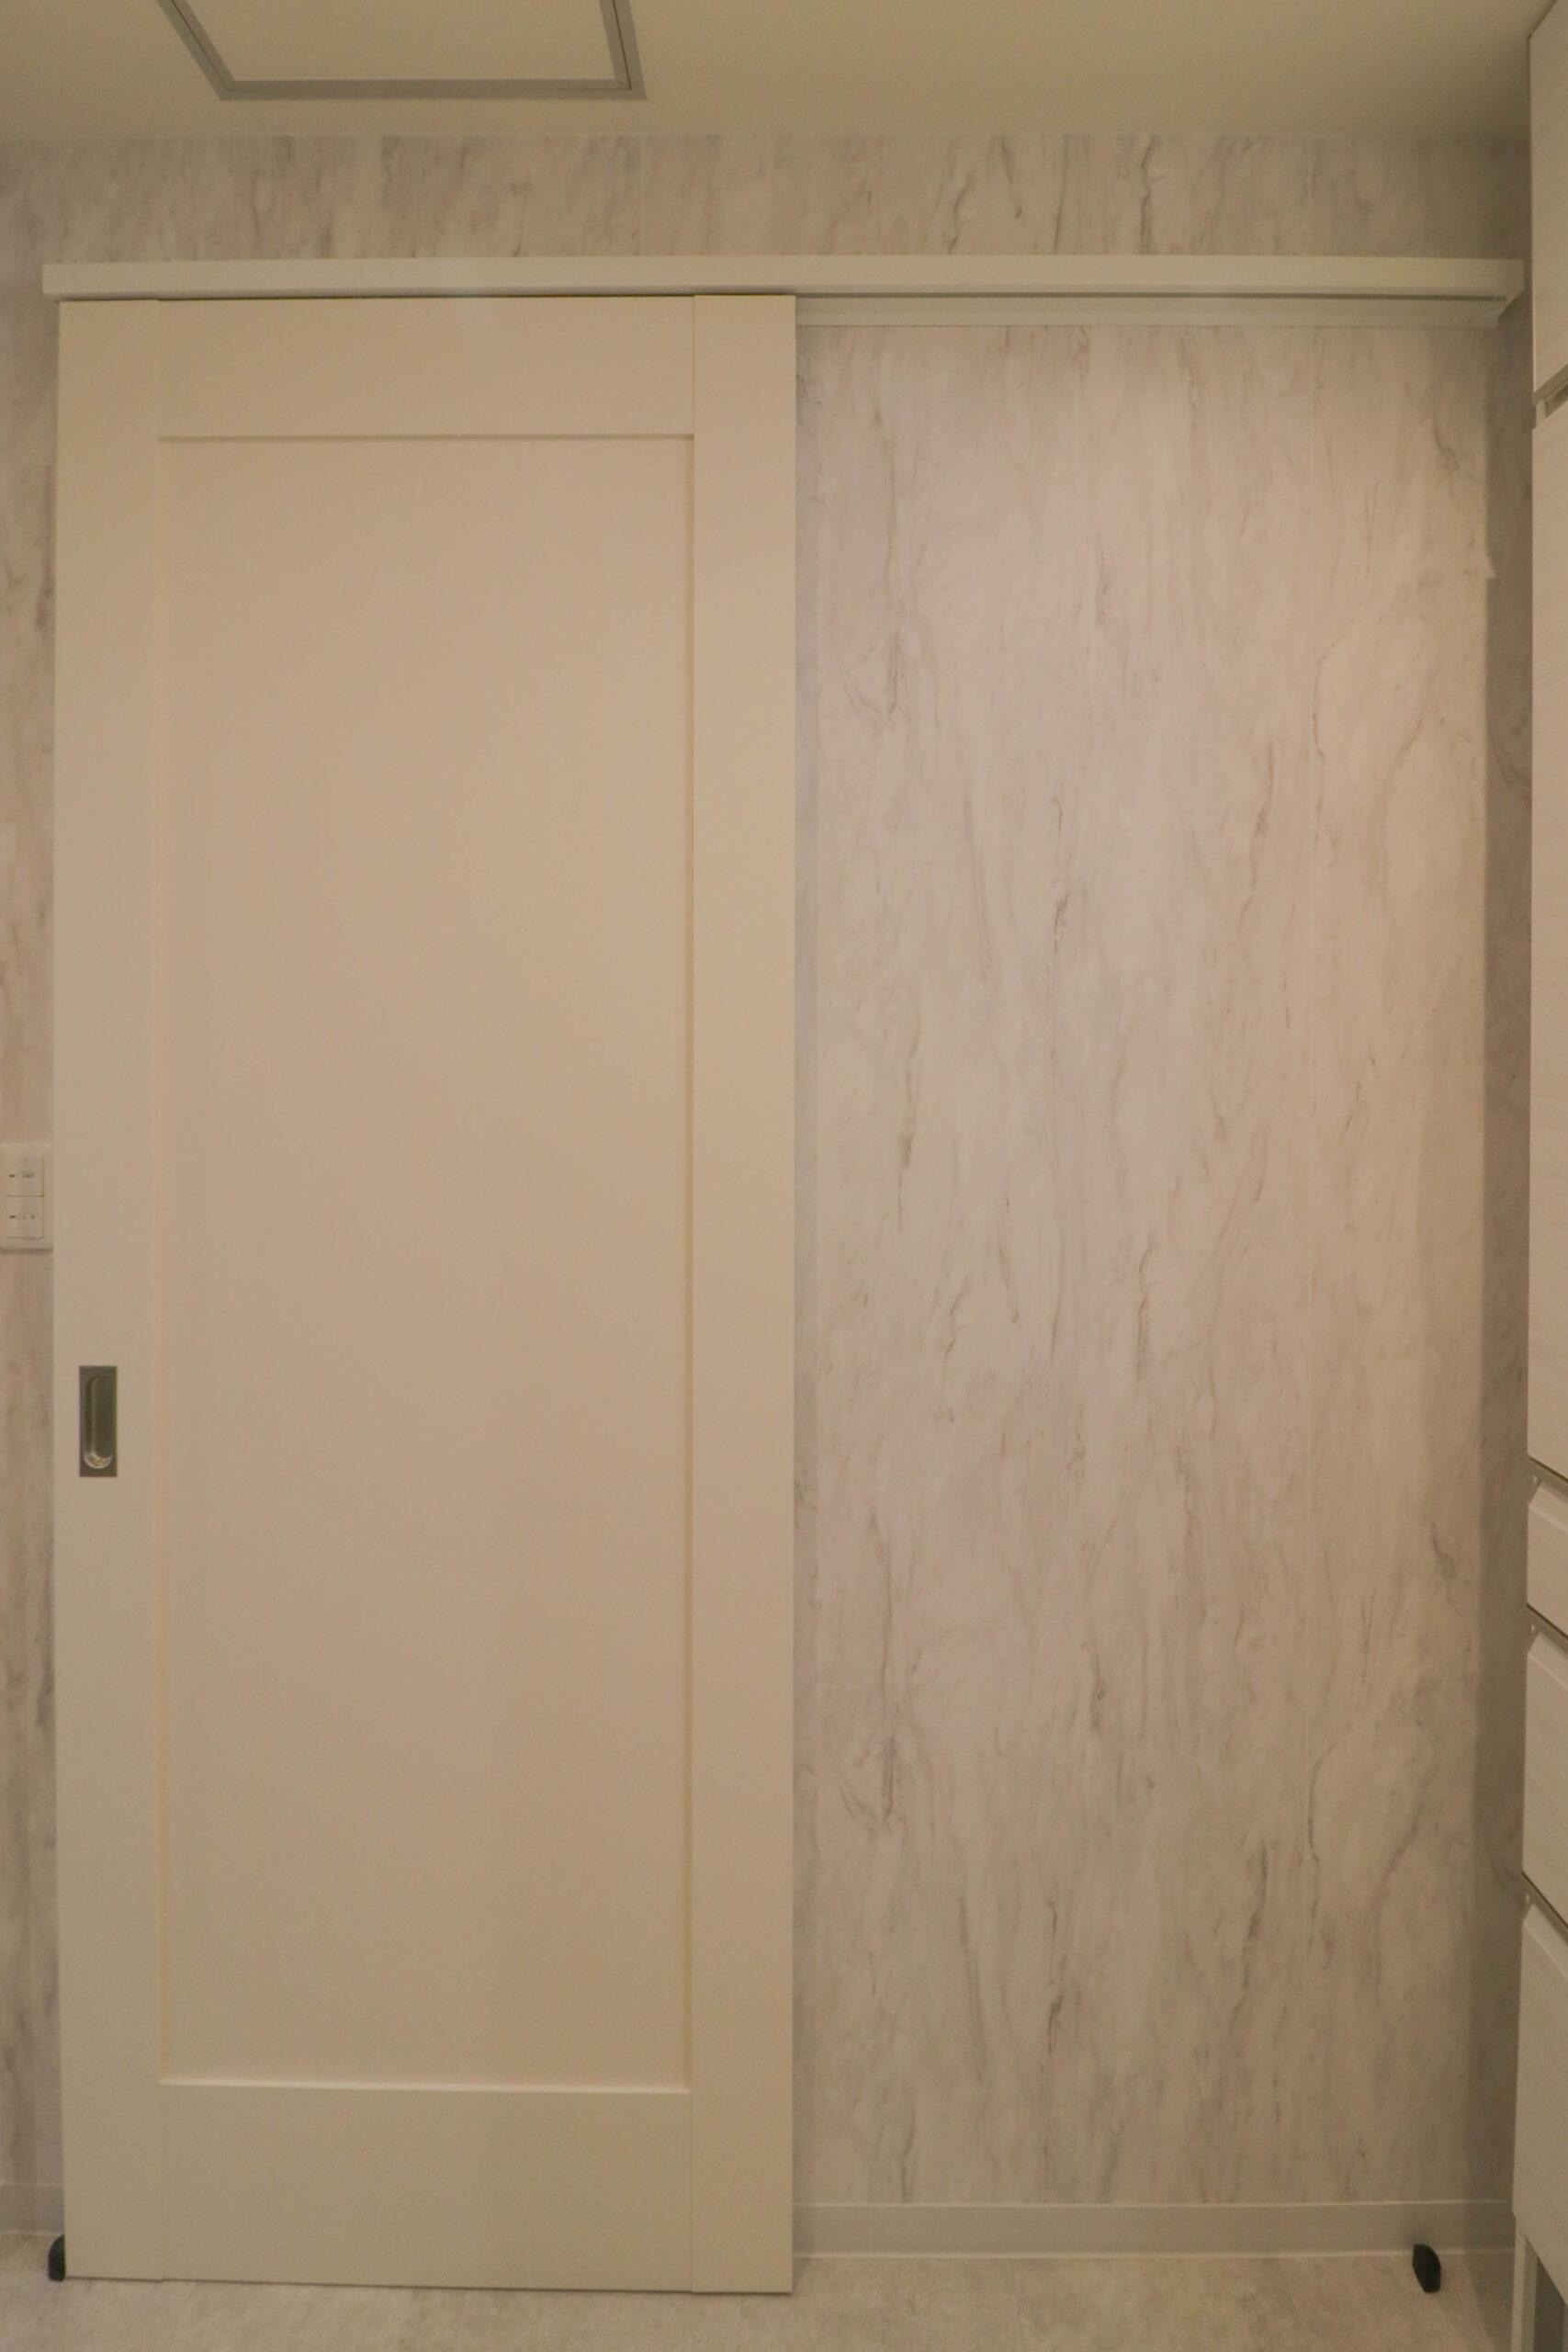 佐賀市若楠 K様 浴室・脱衣所改修工事『ホテルライクな男前上質空間』